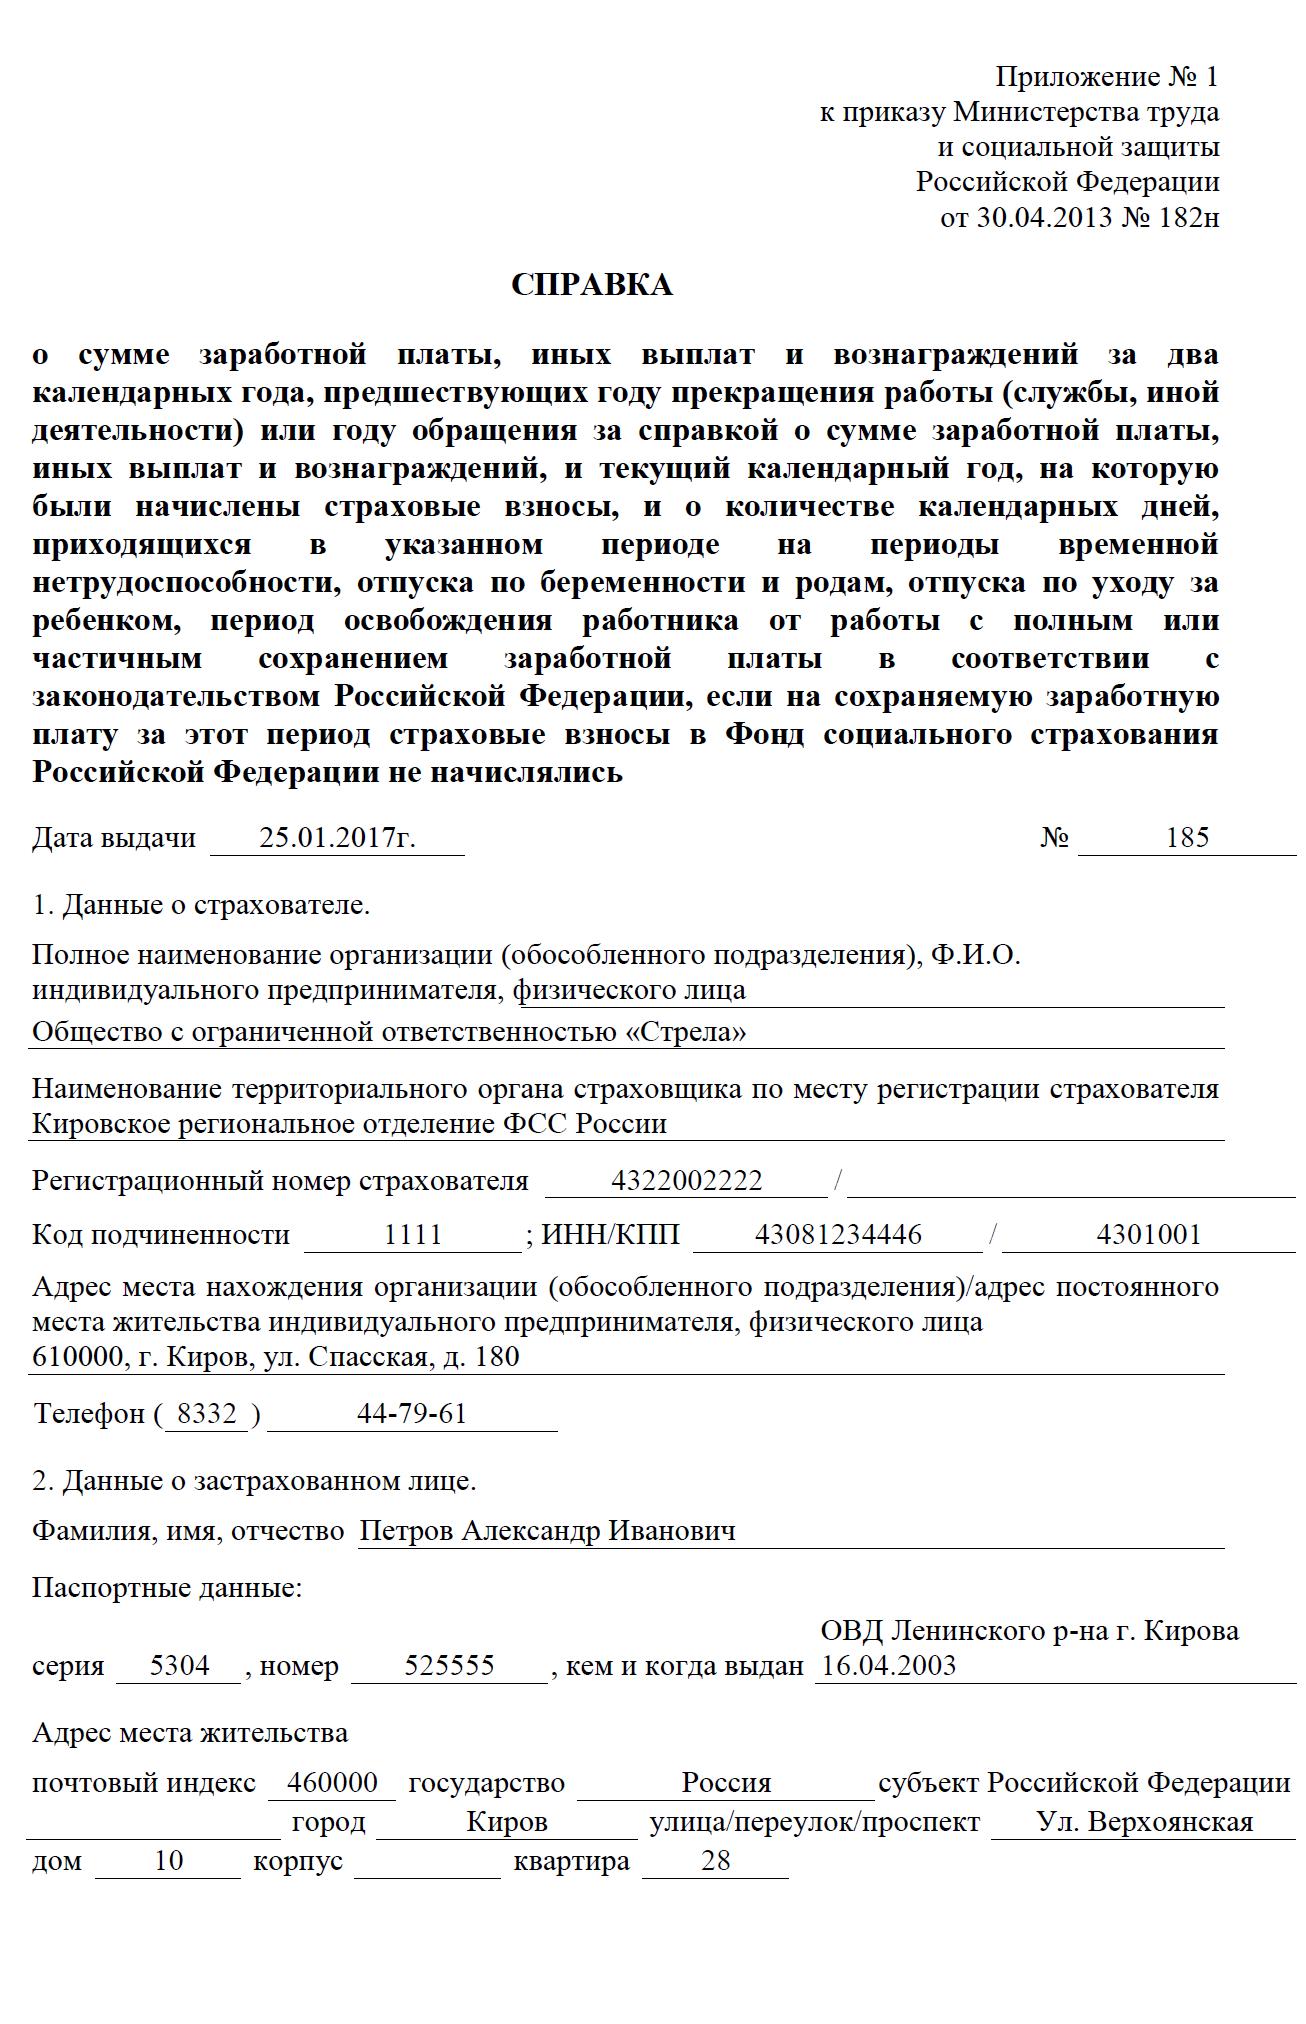 Справка 182н: образец заполнения в 2017 году